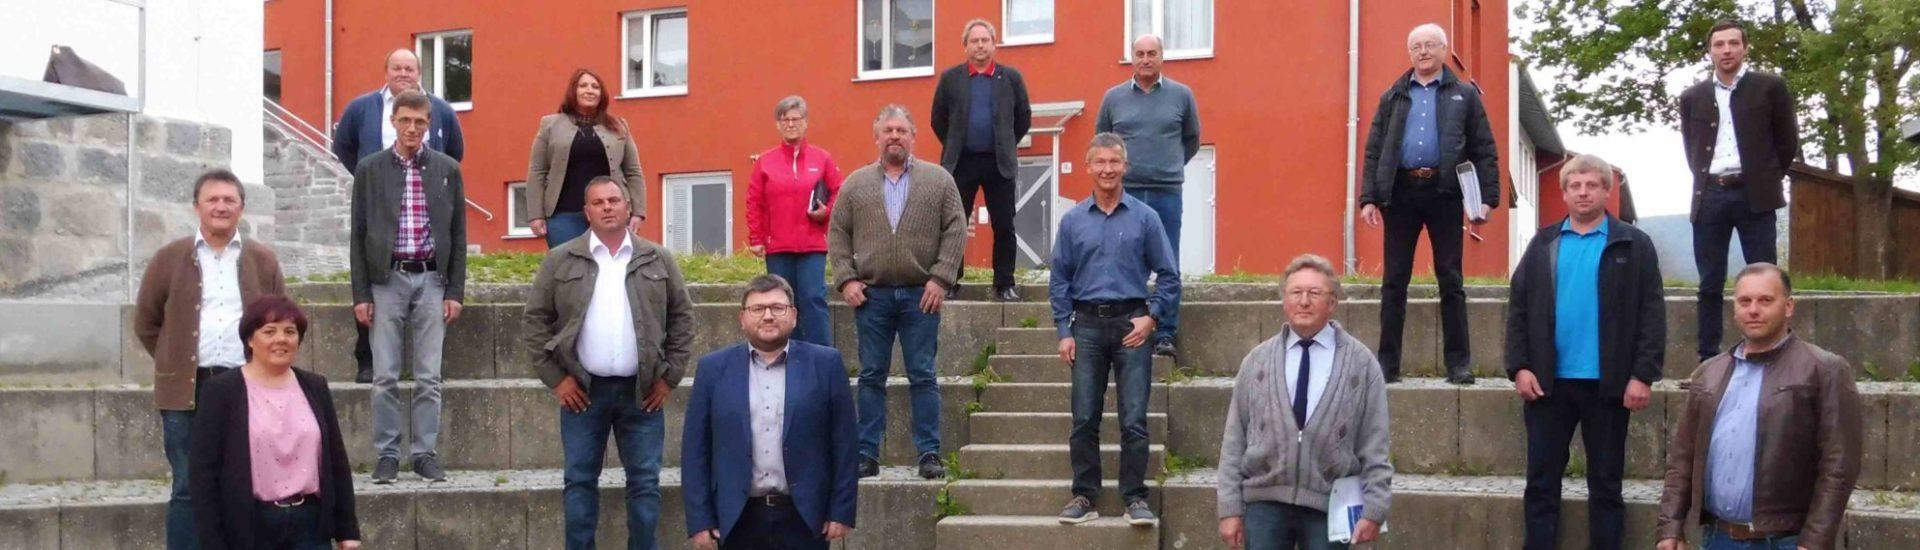 Gruppenfoto des Gemeinderats